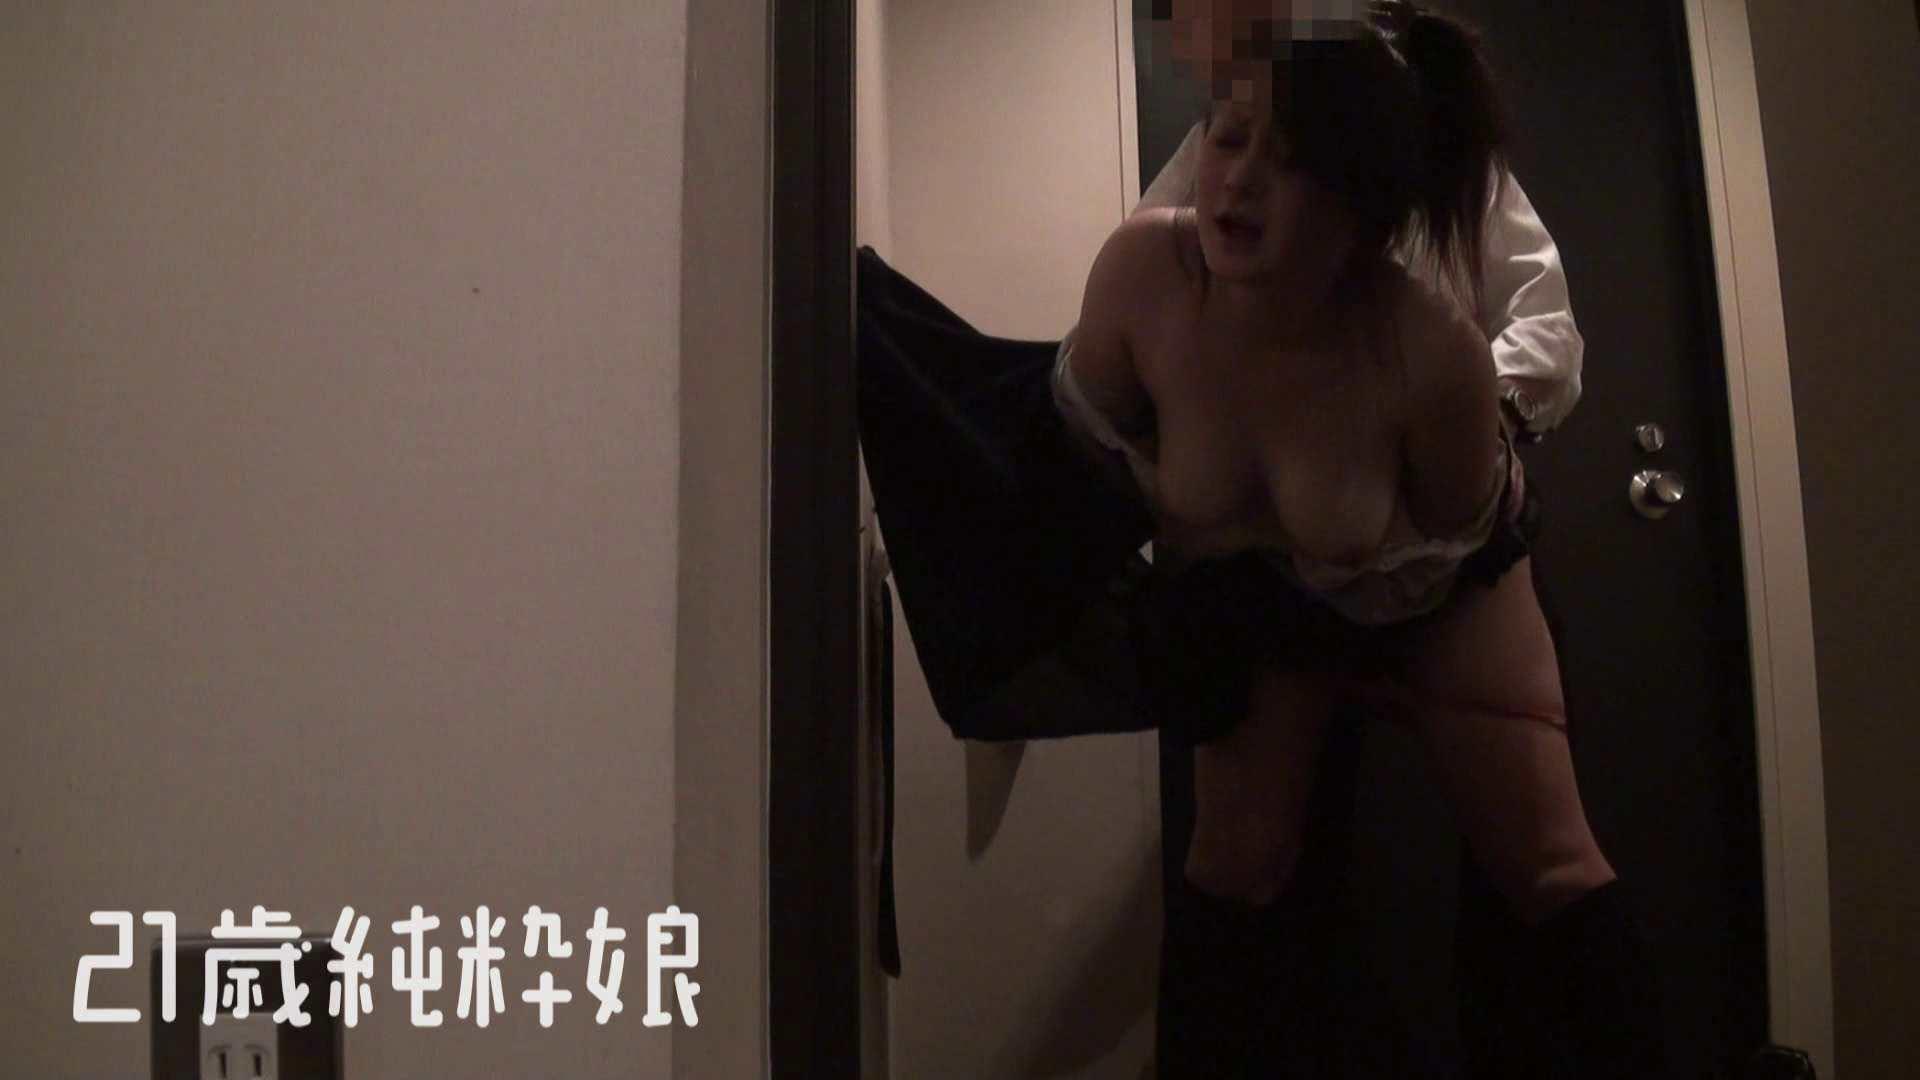 上京したばかりのGカップ21歳純粋嬢を都合の良い女にしてみた 学校  86pic 45